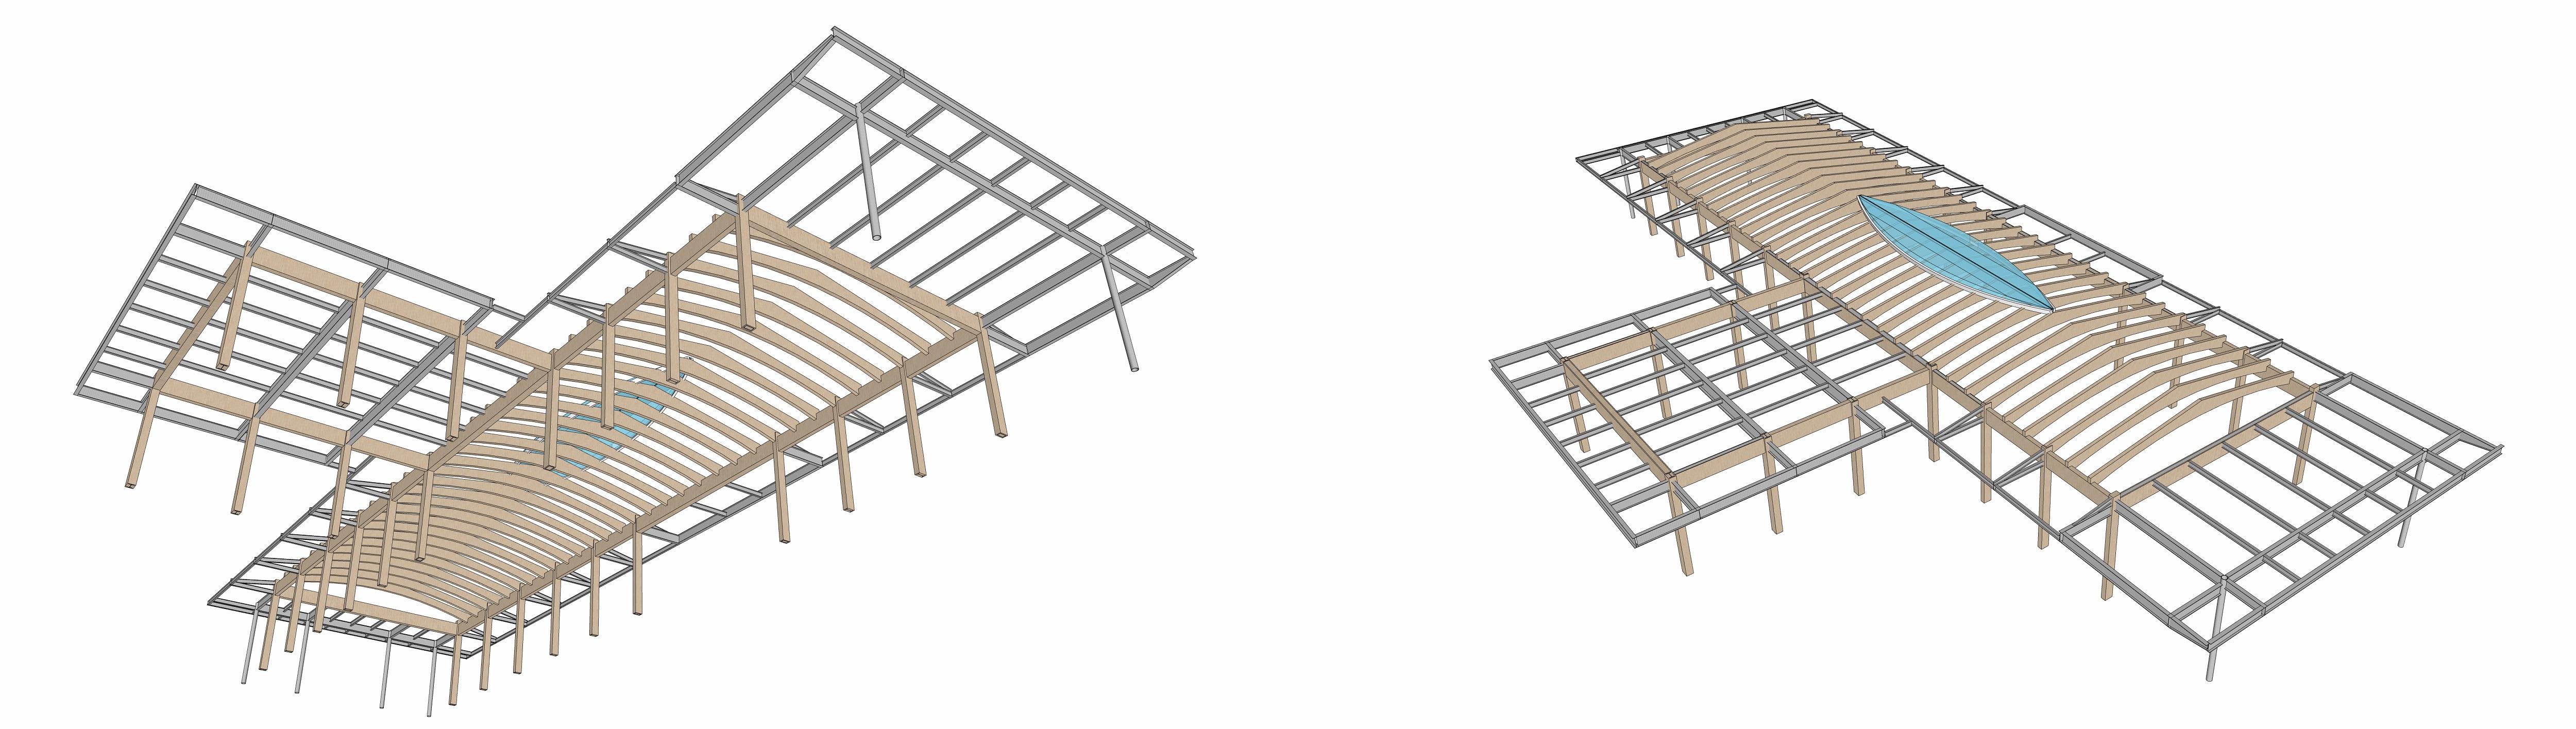 m6 修建屋顶布局图1.jpg